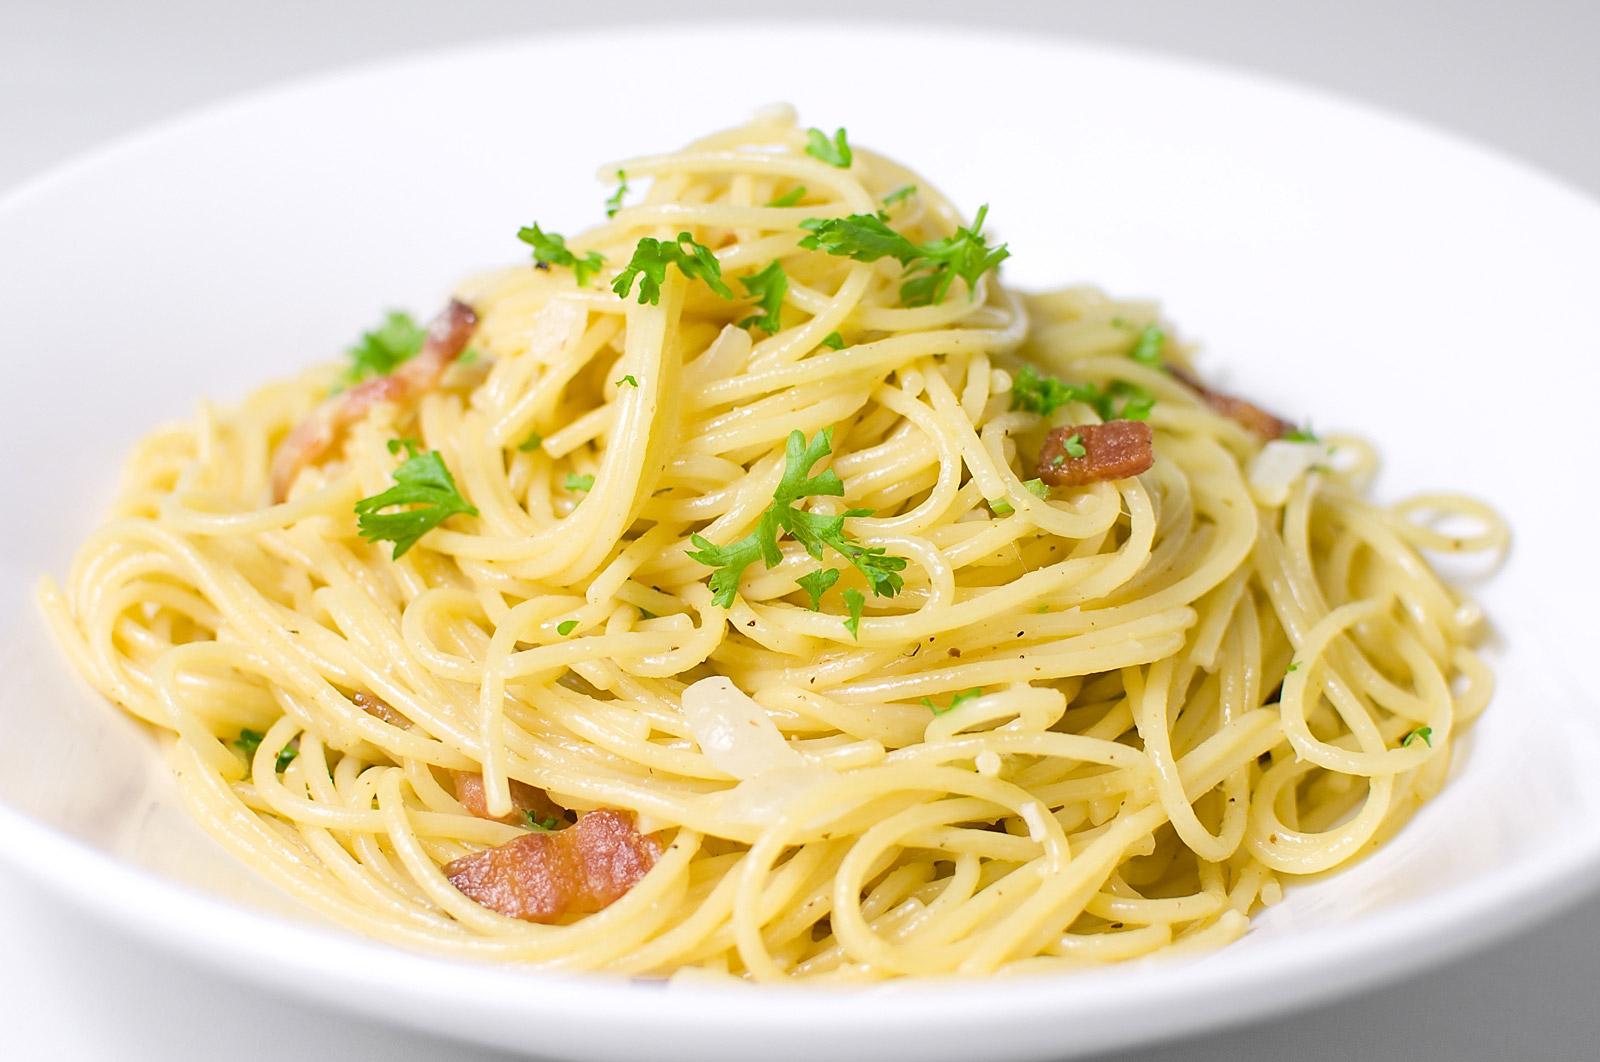 spaghetti italiani a lisbona fiera dell'artigianato lisbona